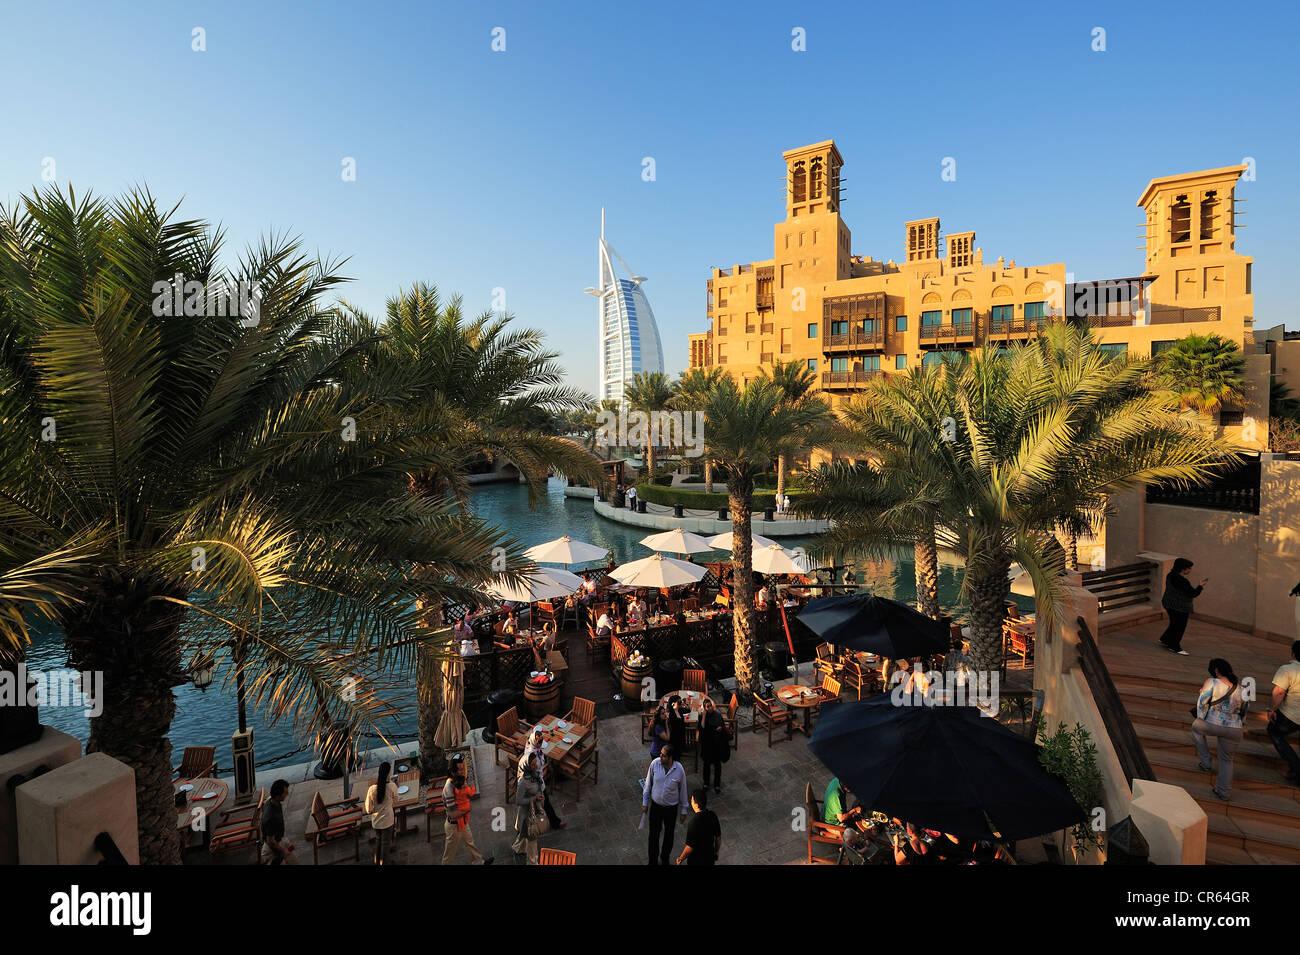 Burj al arab 7 star hotel seen from the souk madinat for Burj al arab 7 star